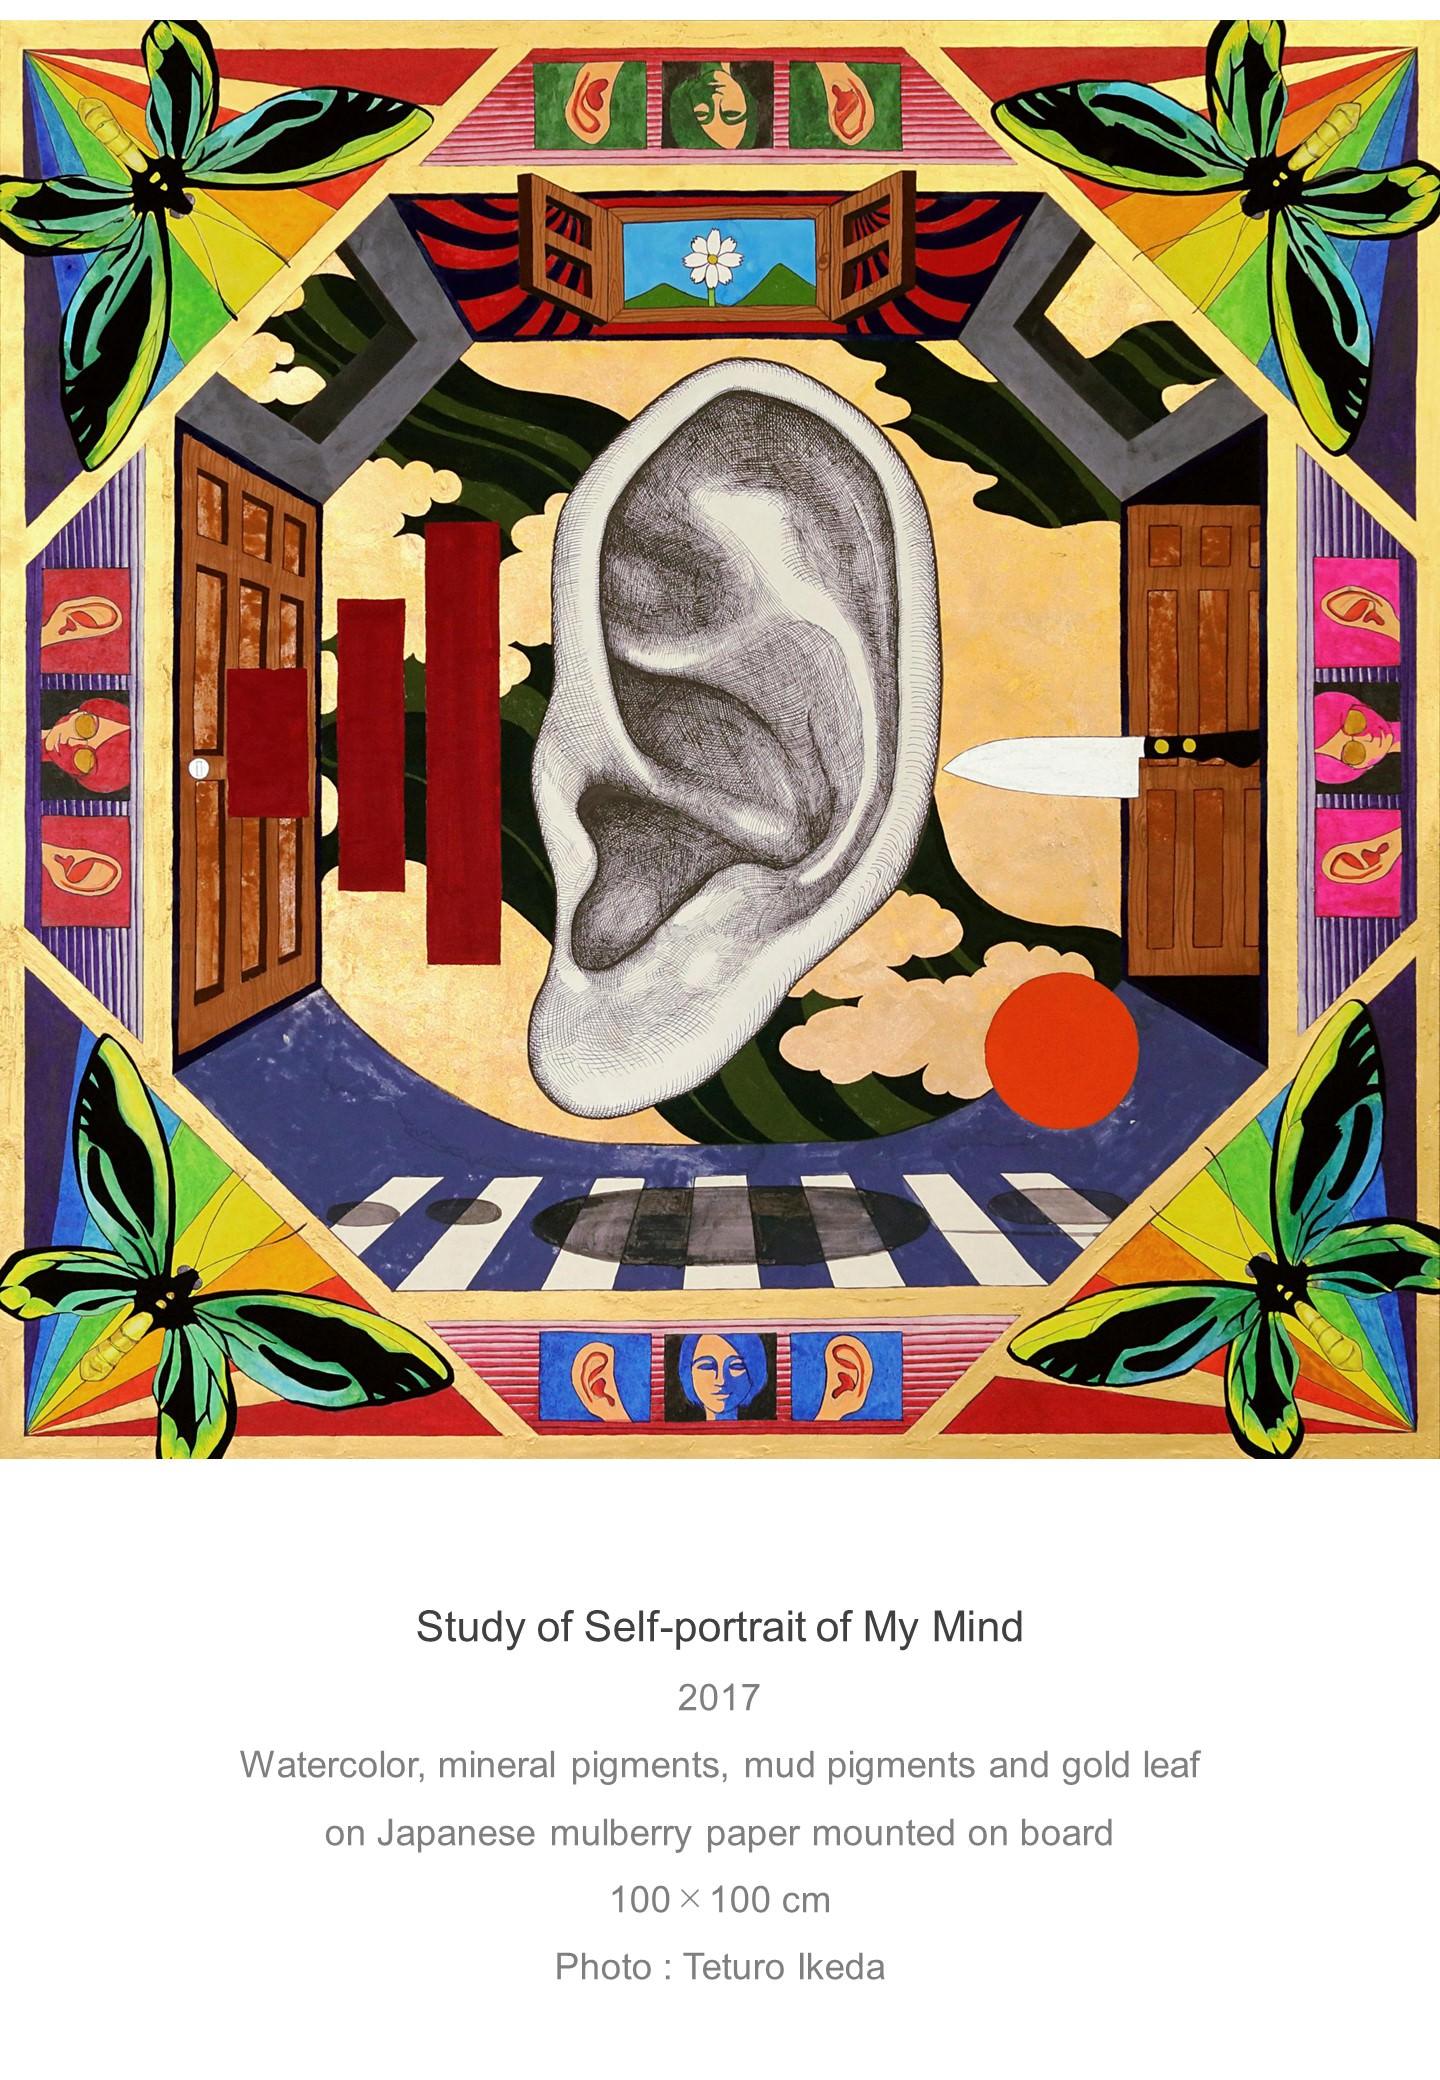 Shota Imai's Artwork of Study of Self-portrait of My Mind